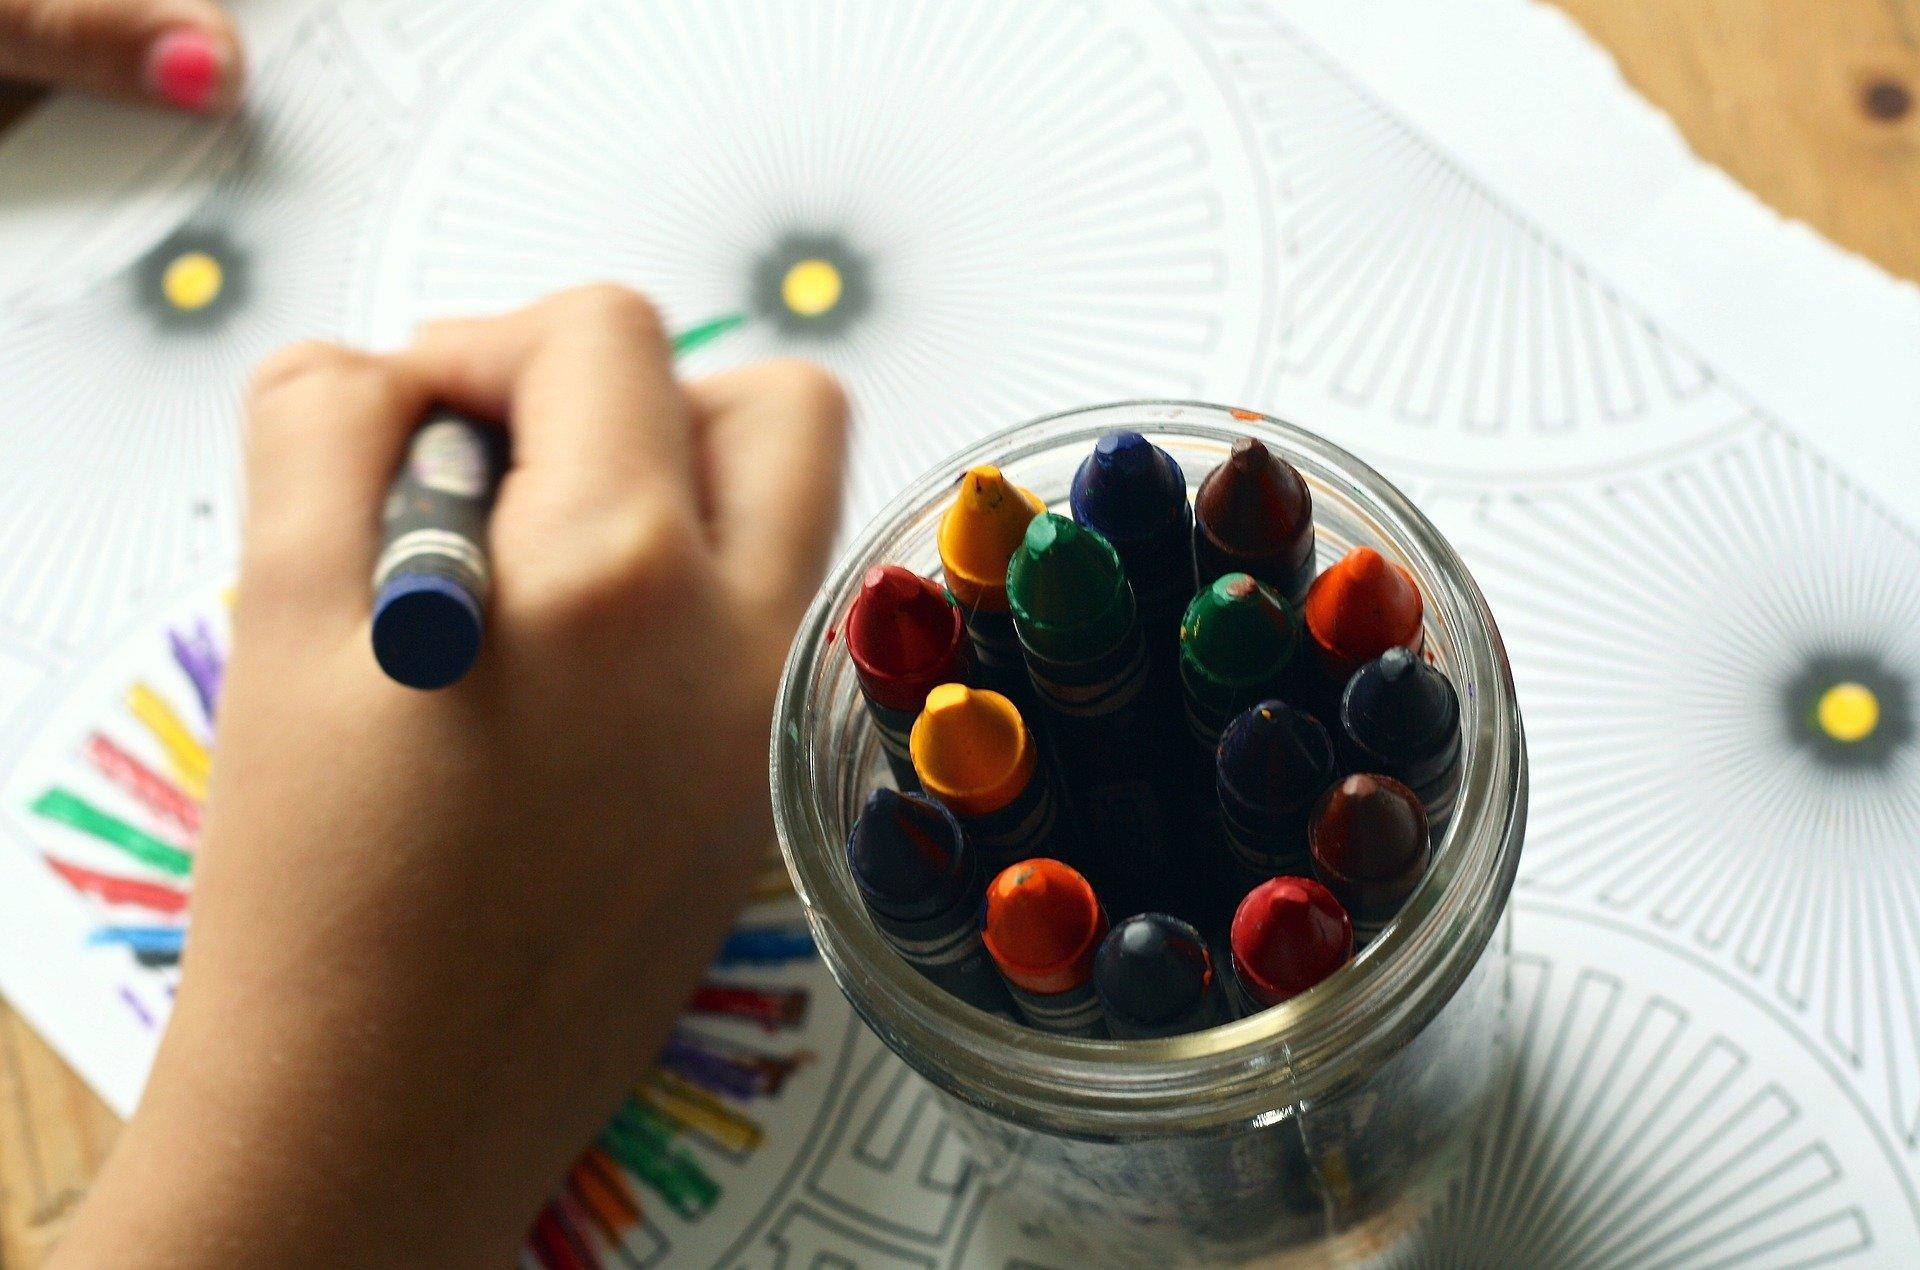 Na zdjęciu kredki świecowe w słoiczku oraz ręka dziecka rysująca nimi